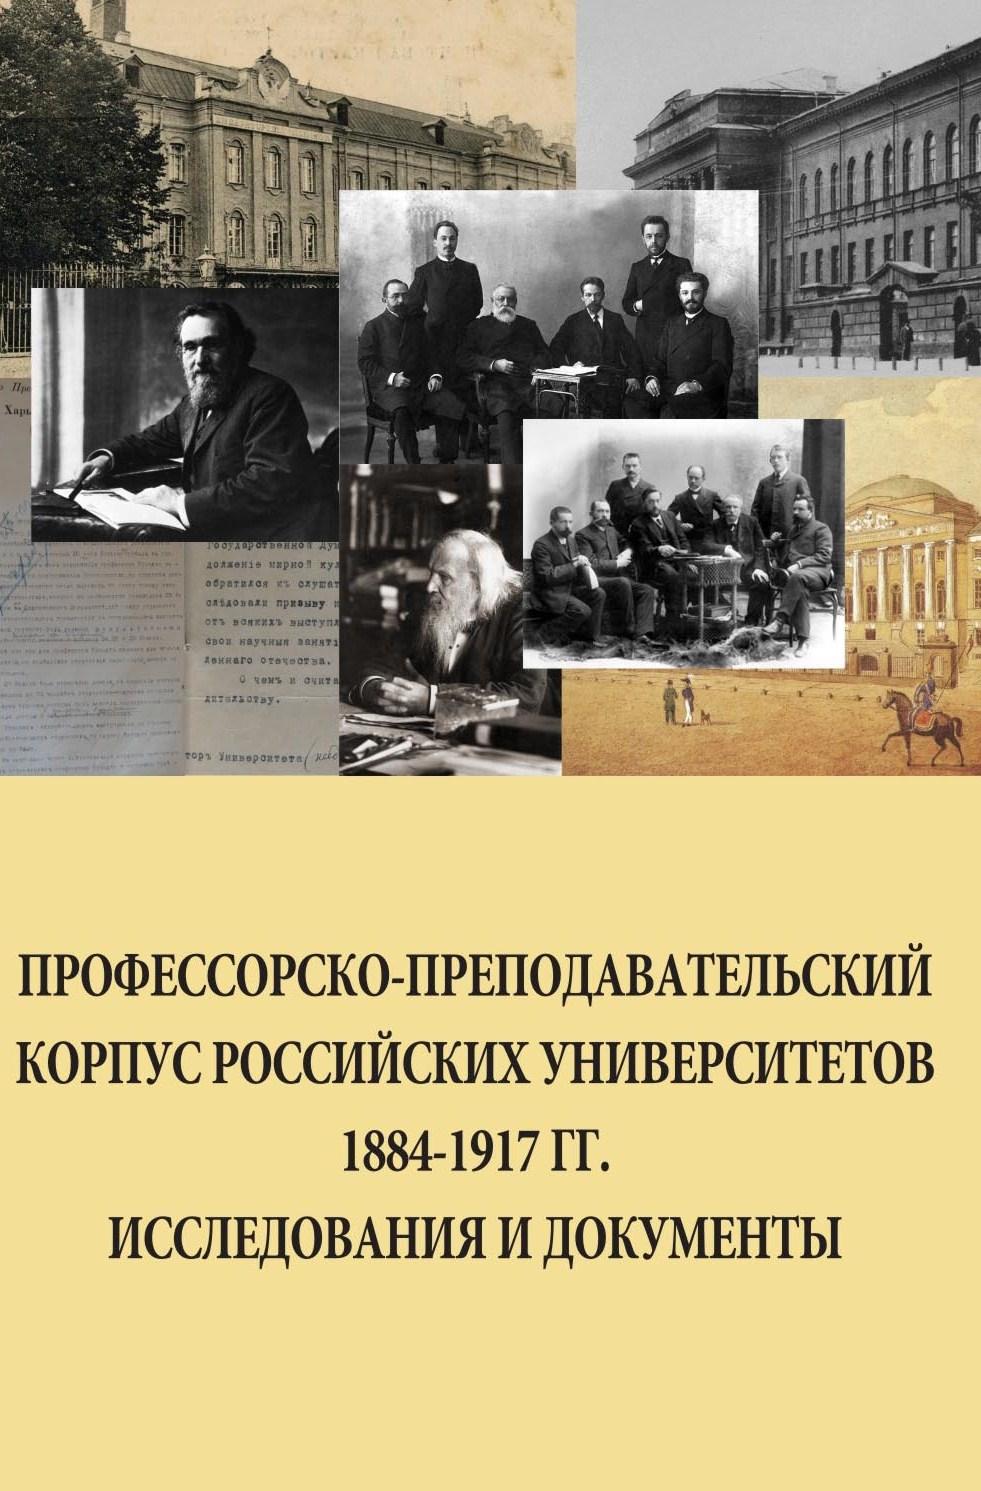 Заграничная подготовка будущих российских профессоров накануне Первой мировой войны